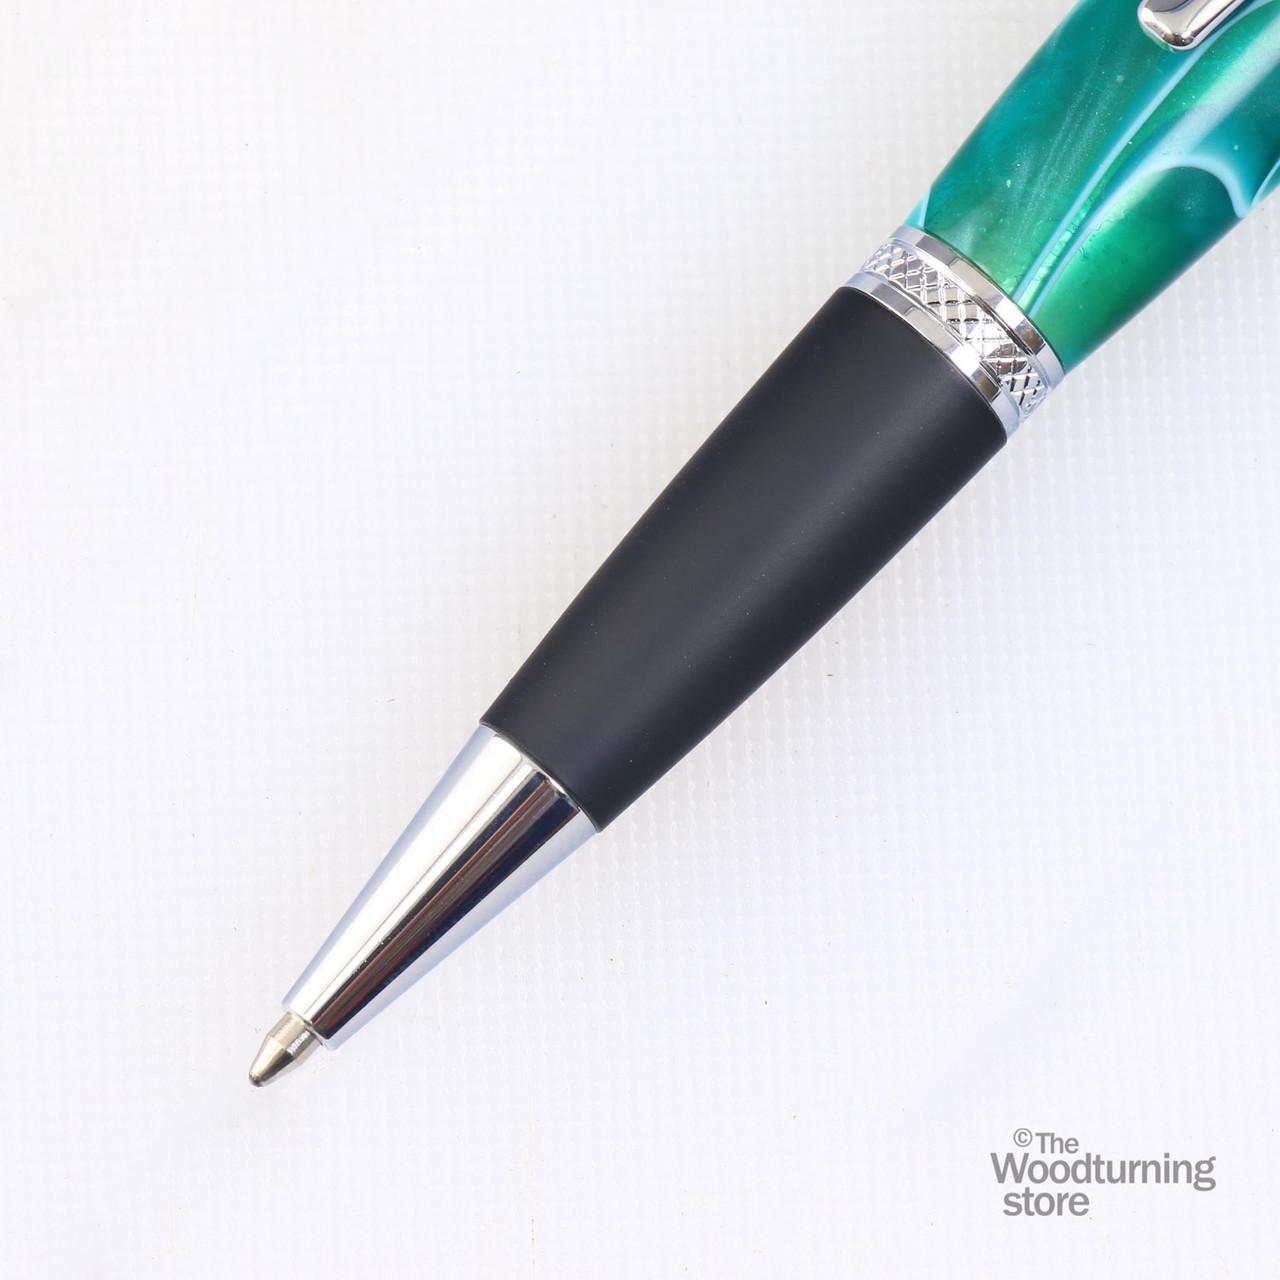 Legacy Viceroy Pen Kit - Chrome and Matte Black Chrome